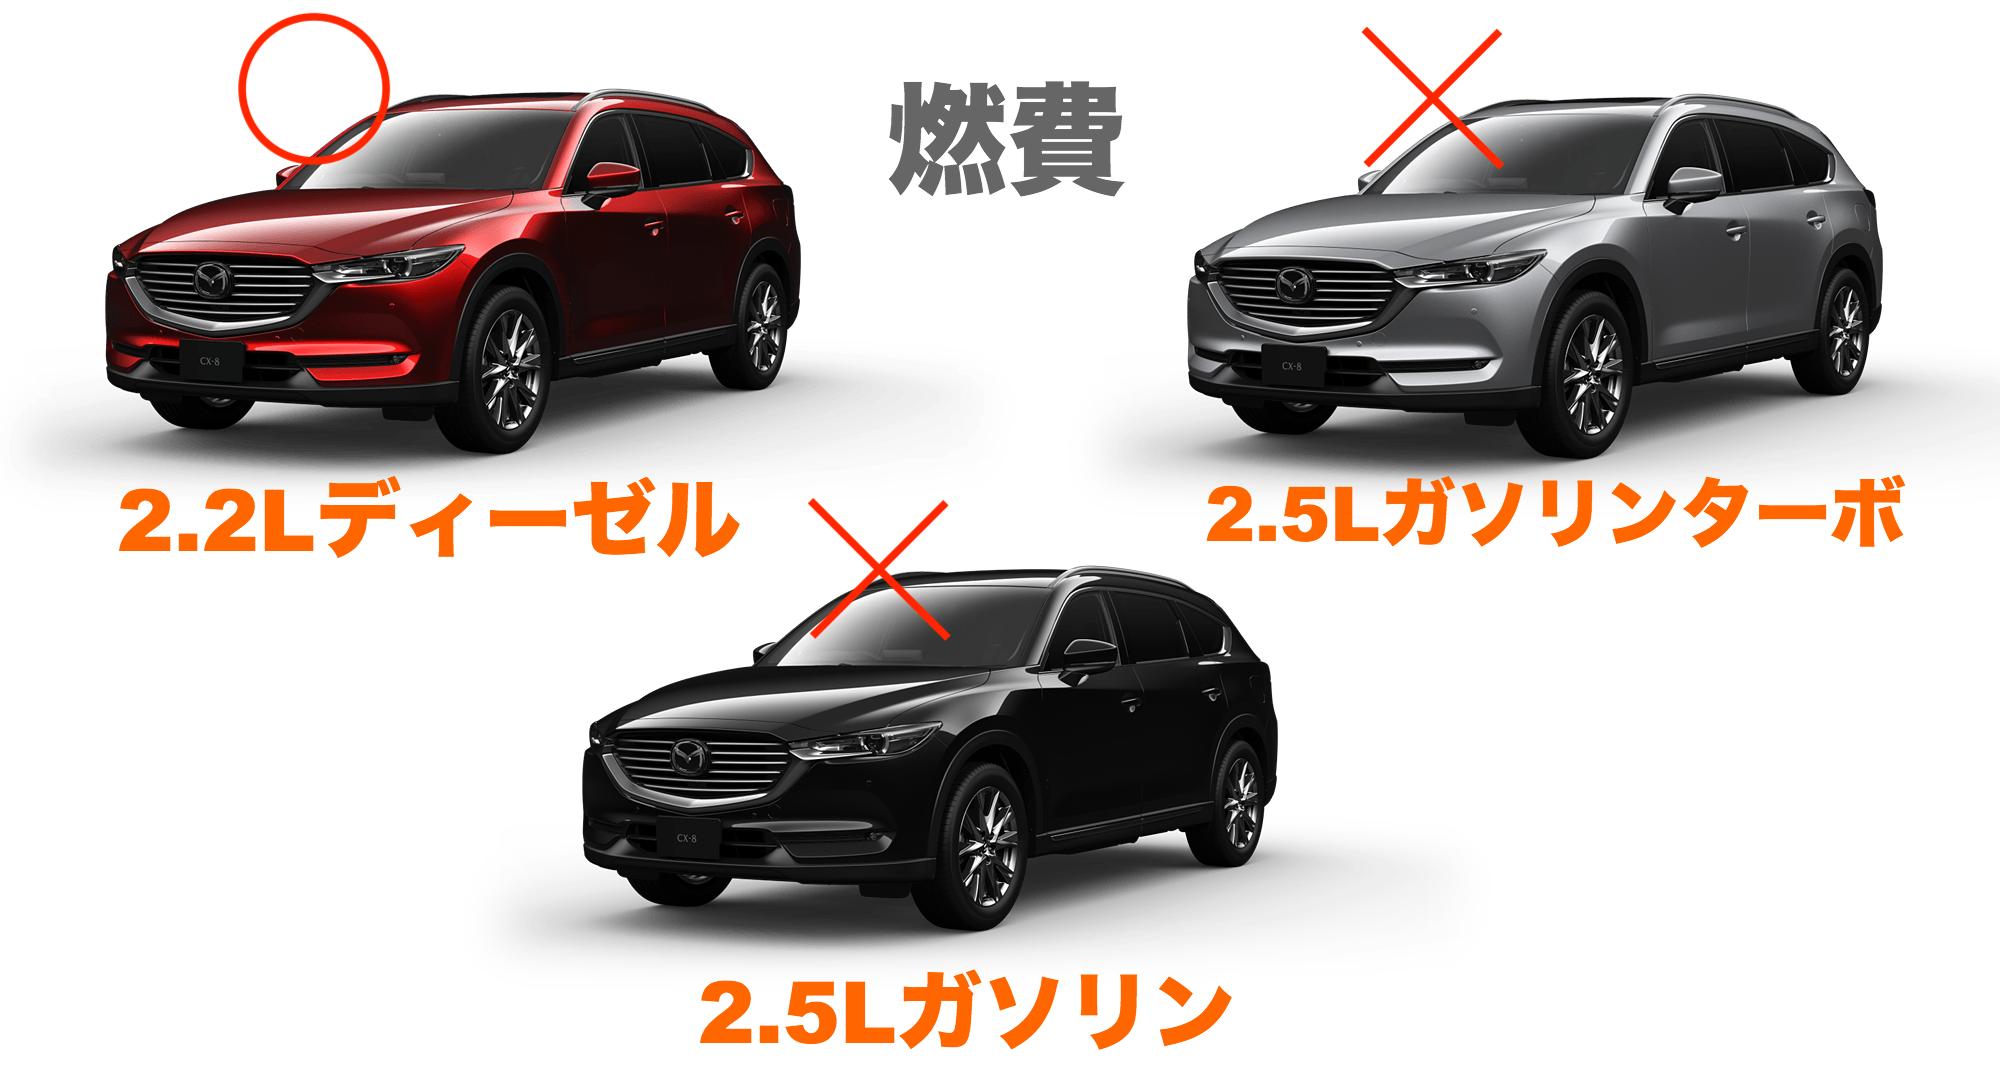 CX-8グレード_vs燃費エンジン